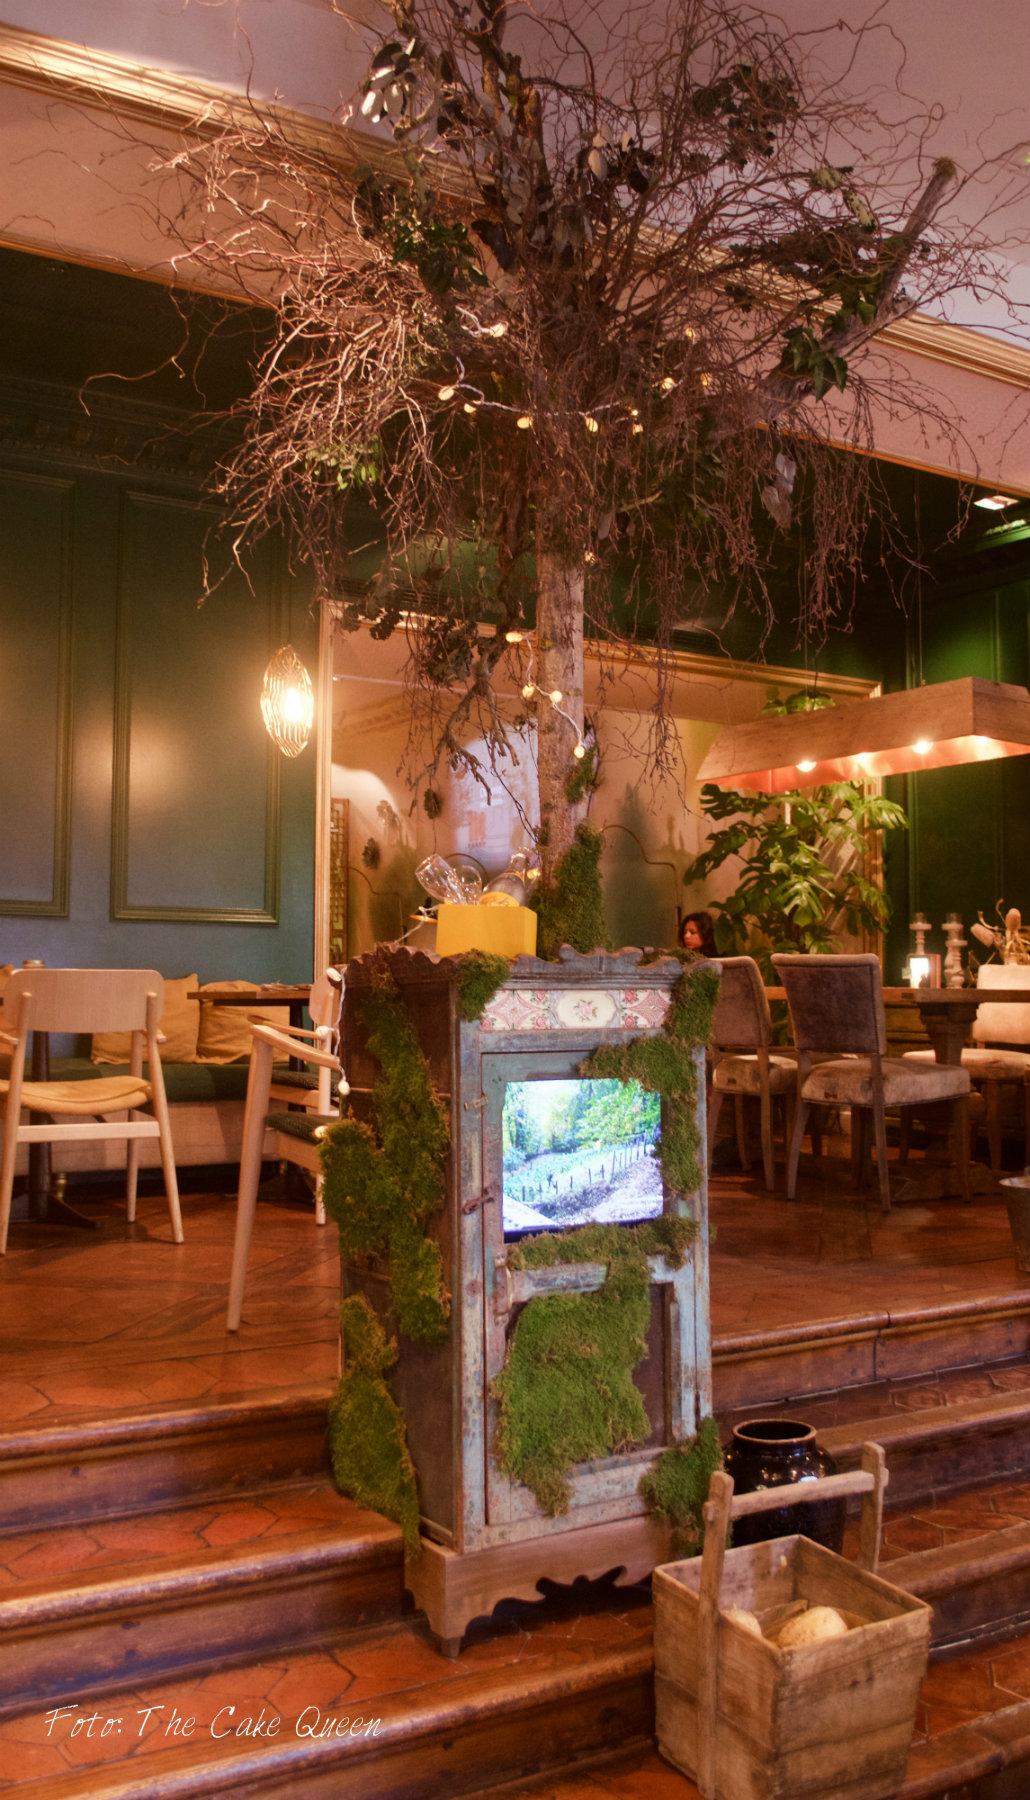 BumpGreen, un sitio lleno de detalles muy chulos que hacen que el restaurante sea especial